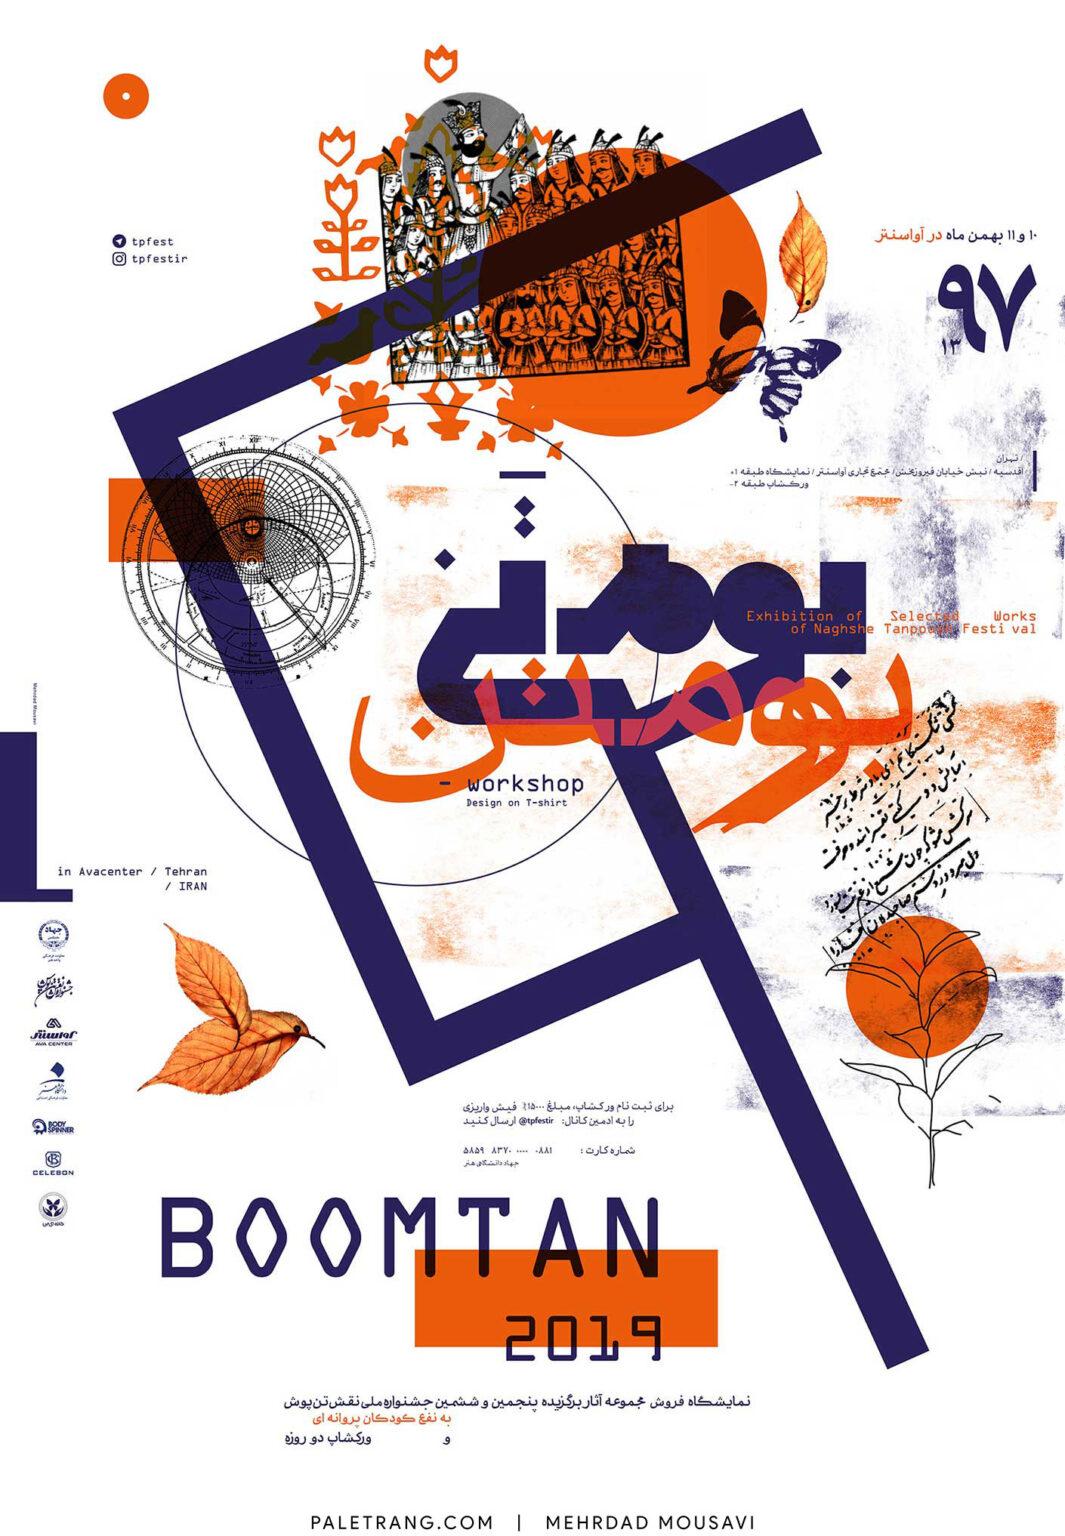 پوستر ورکشاپ و نمایشگاه بومتن اثر مهرداد موسوی